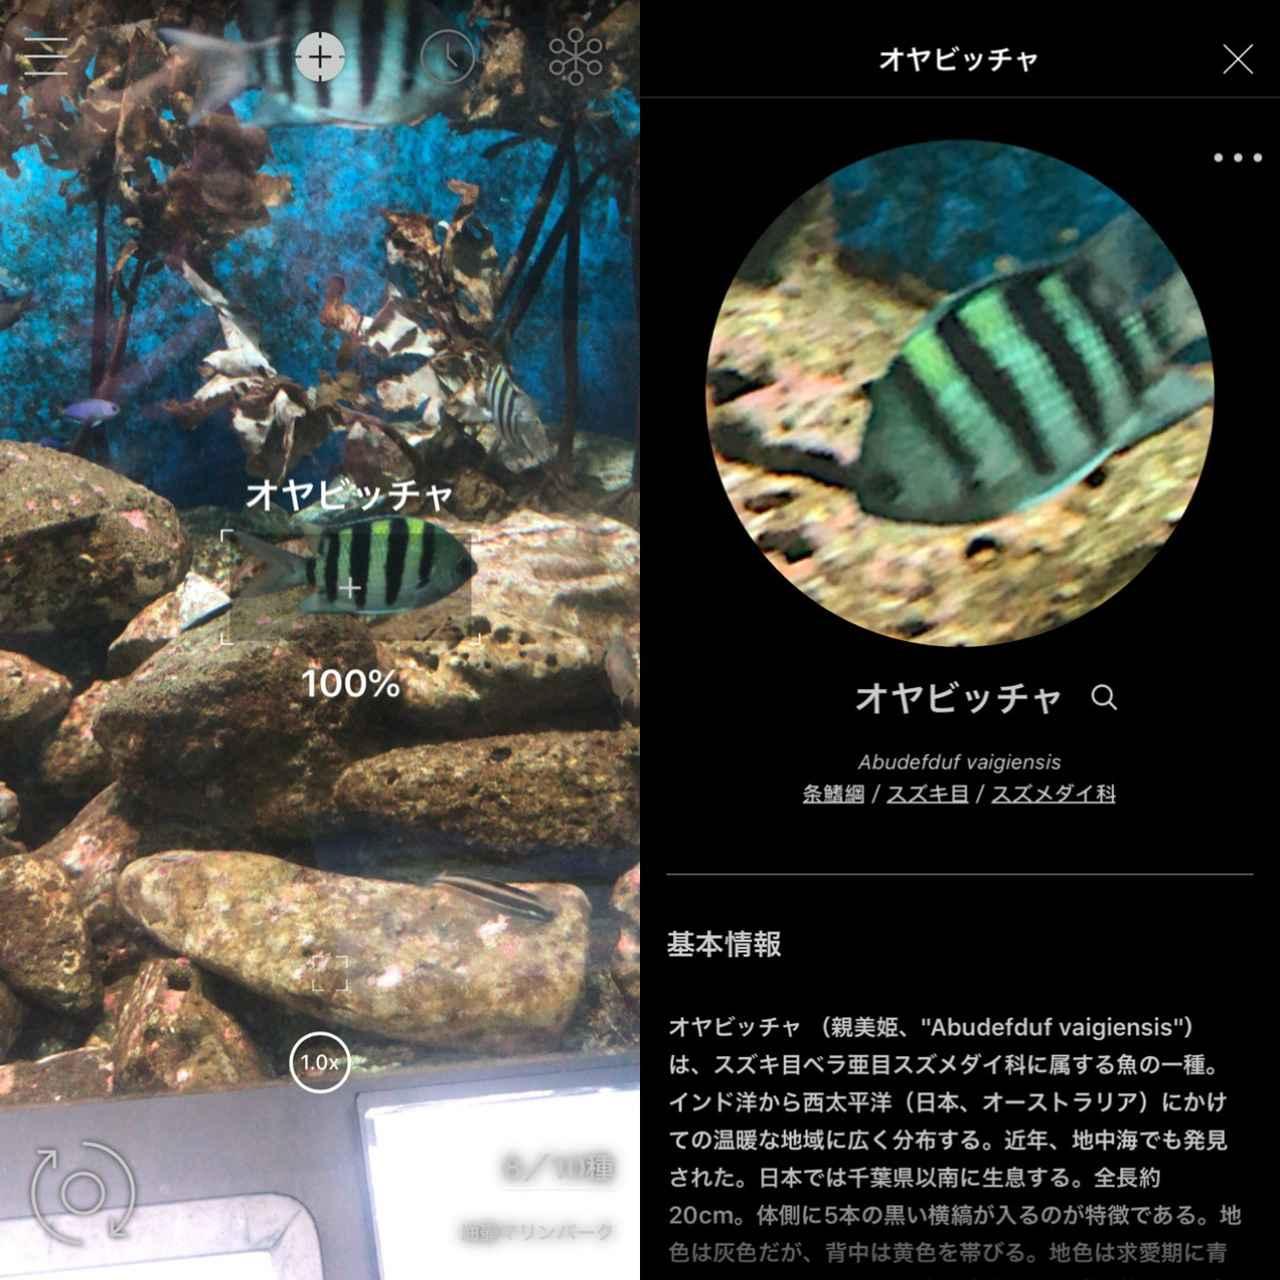 画像4: かざすだけで名前や種類をパッと表示!詳細では生息域などもわかります。